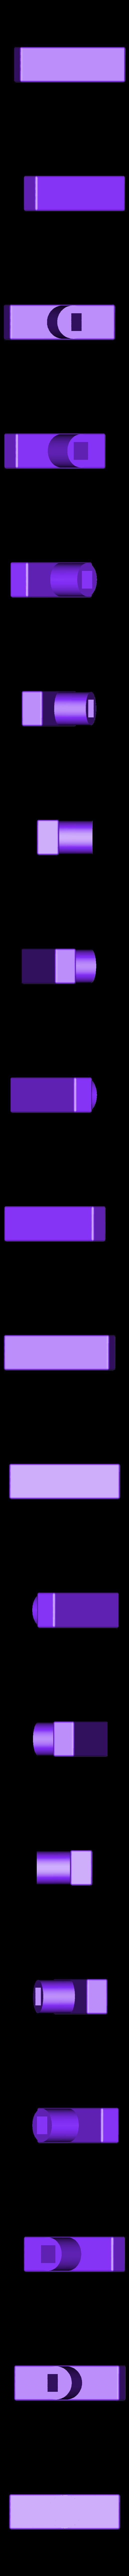 Spigot Key.stl Télécharger fichier STL gratuit Clé à ergot • Objet à imprimer en 3D, WW3D